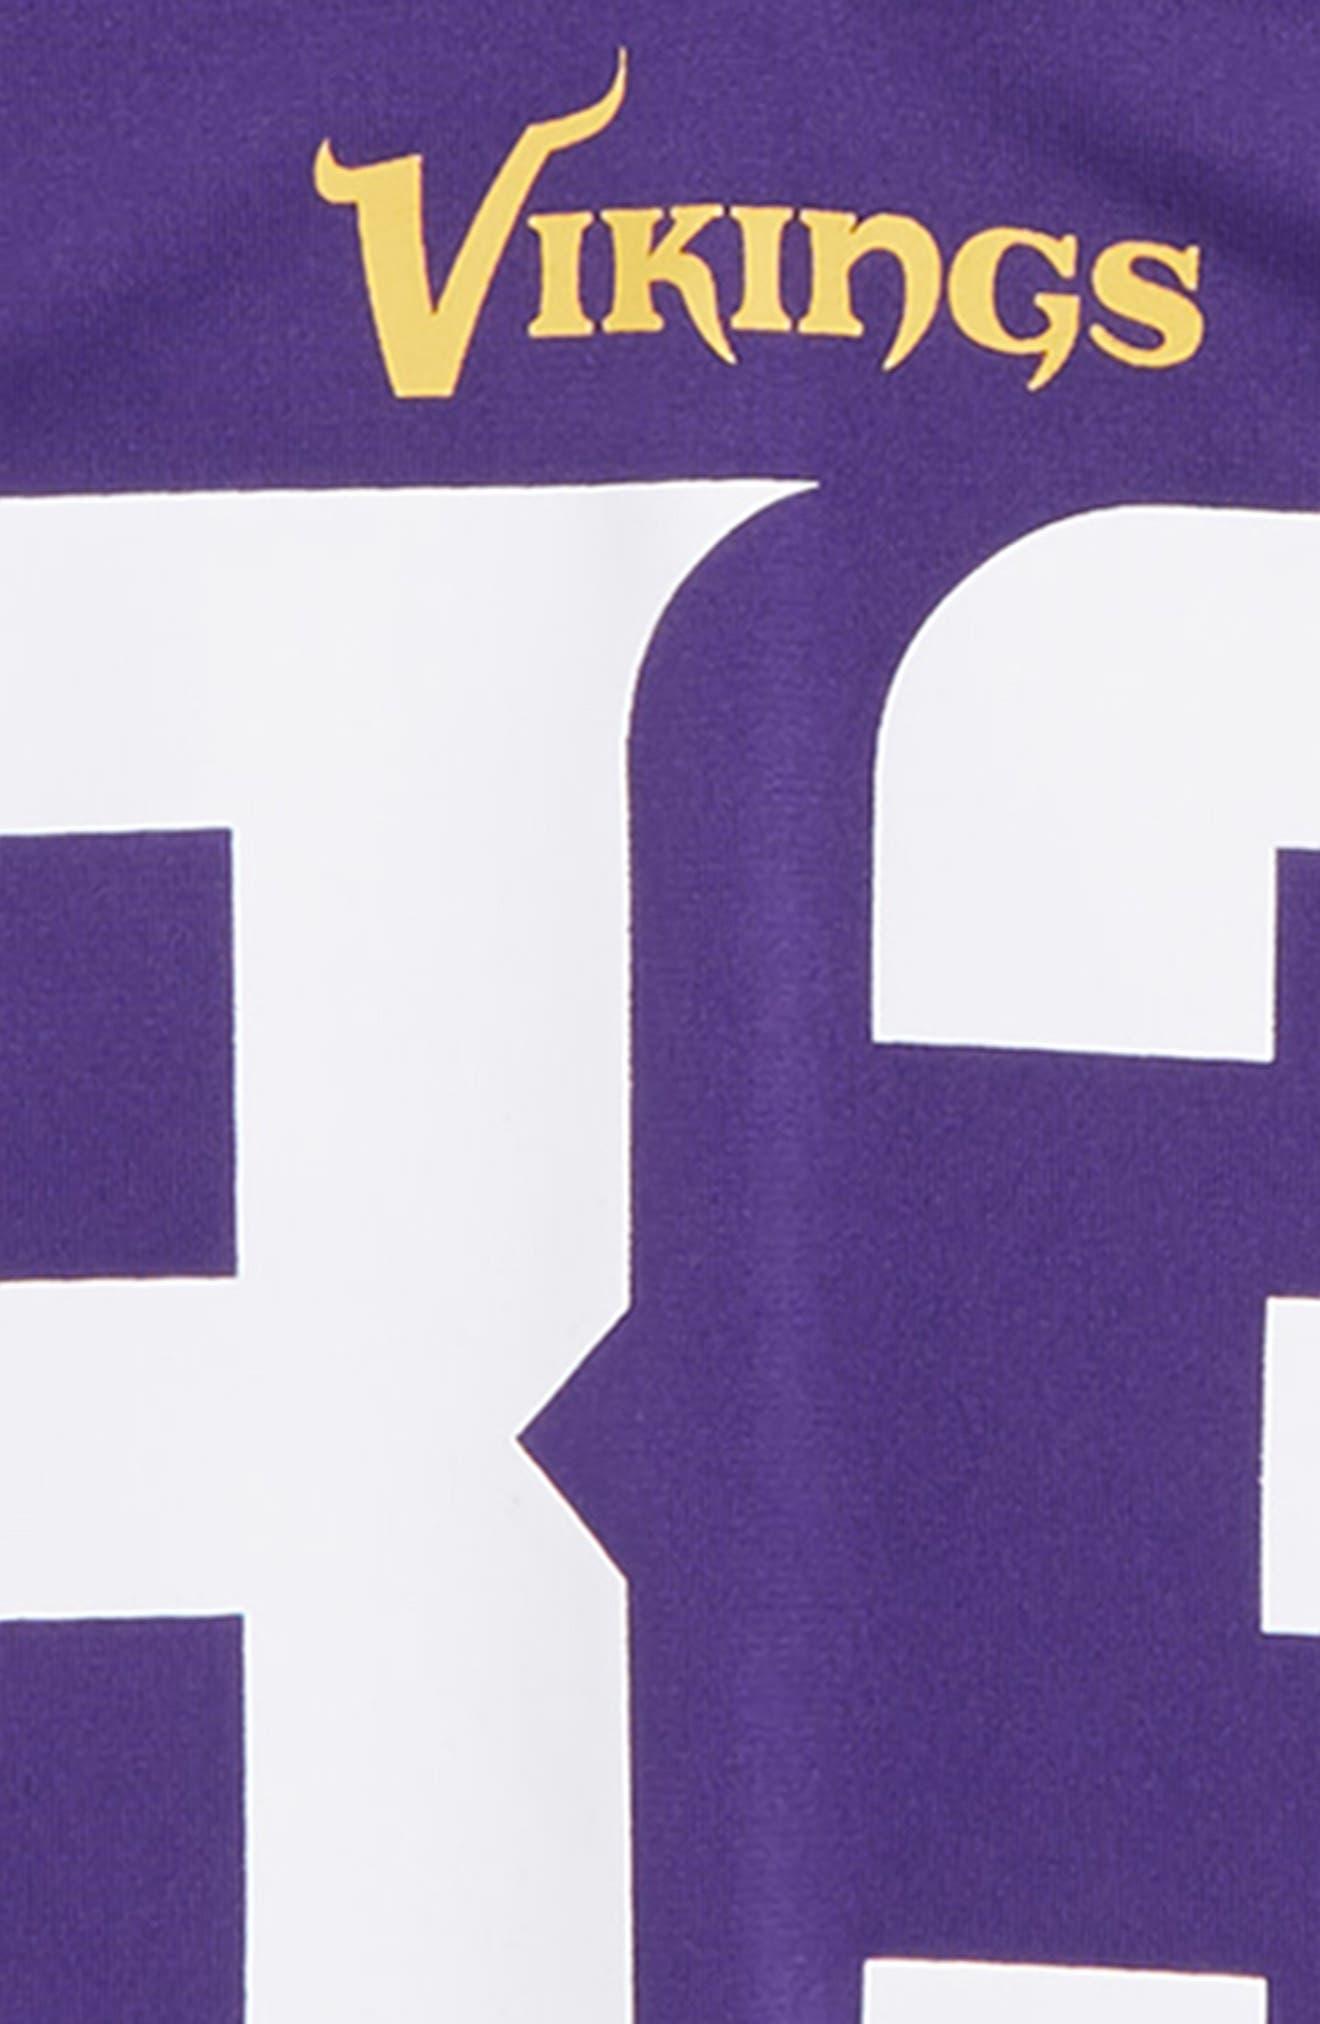 NFL Minnesota Vikings Dalvin Cook Jersey,                             Alternate thumbnail 3, color,                             PURPLE